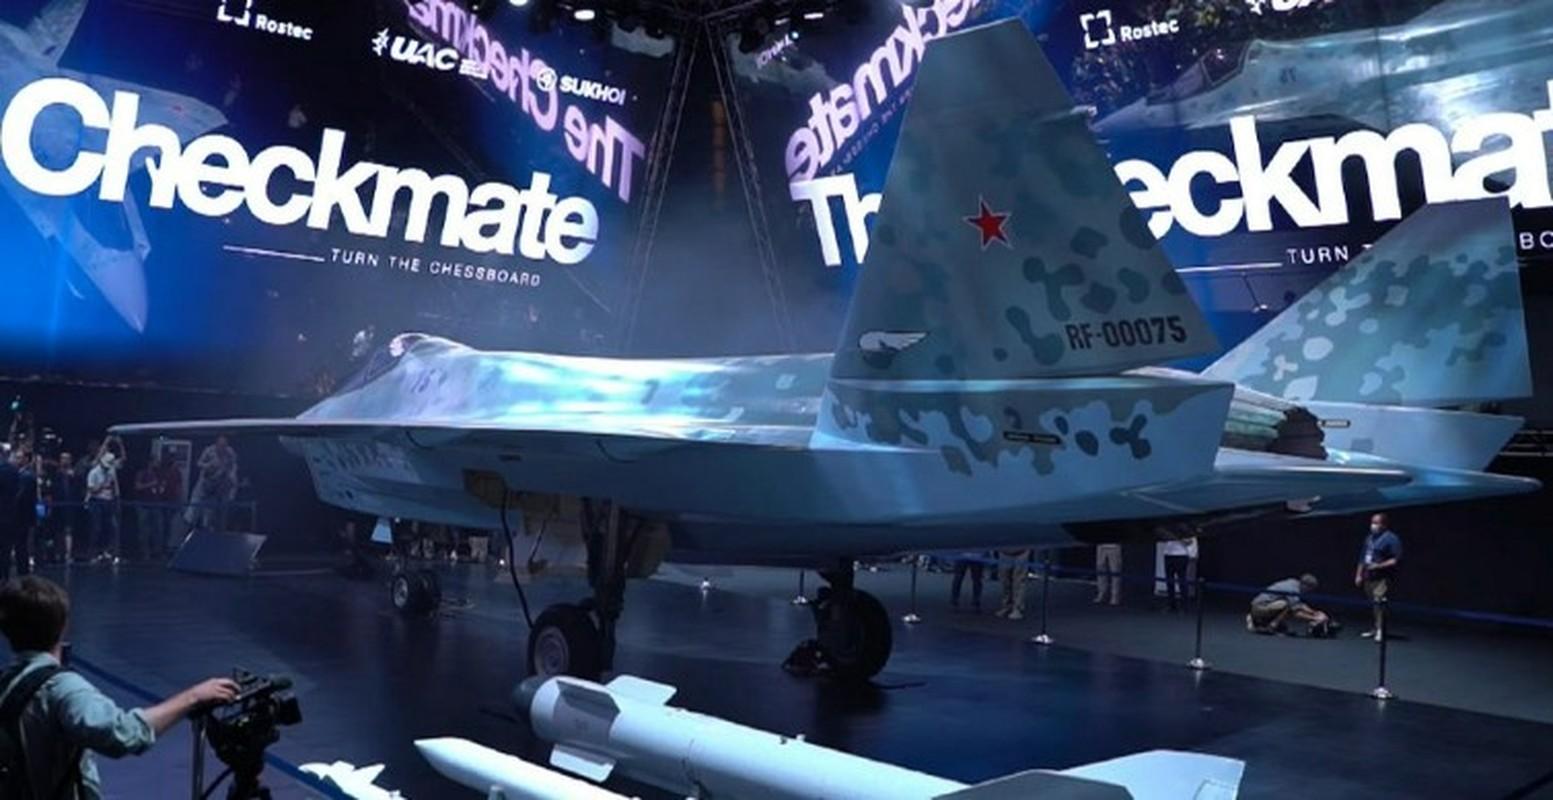 Khoang vu khi cua Su-75 khong khit: La tinh nang chu khong phai loi!-Hinh-4